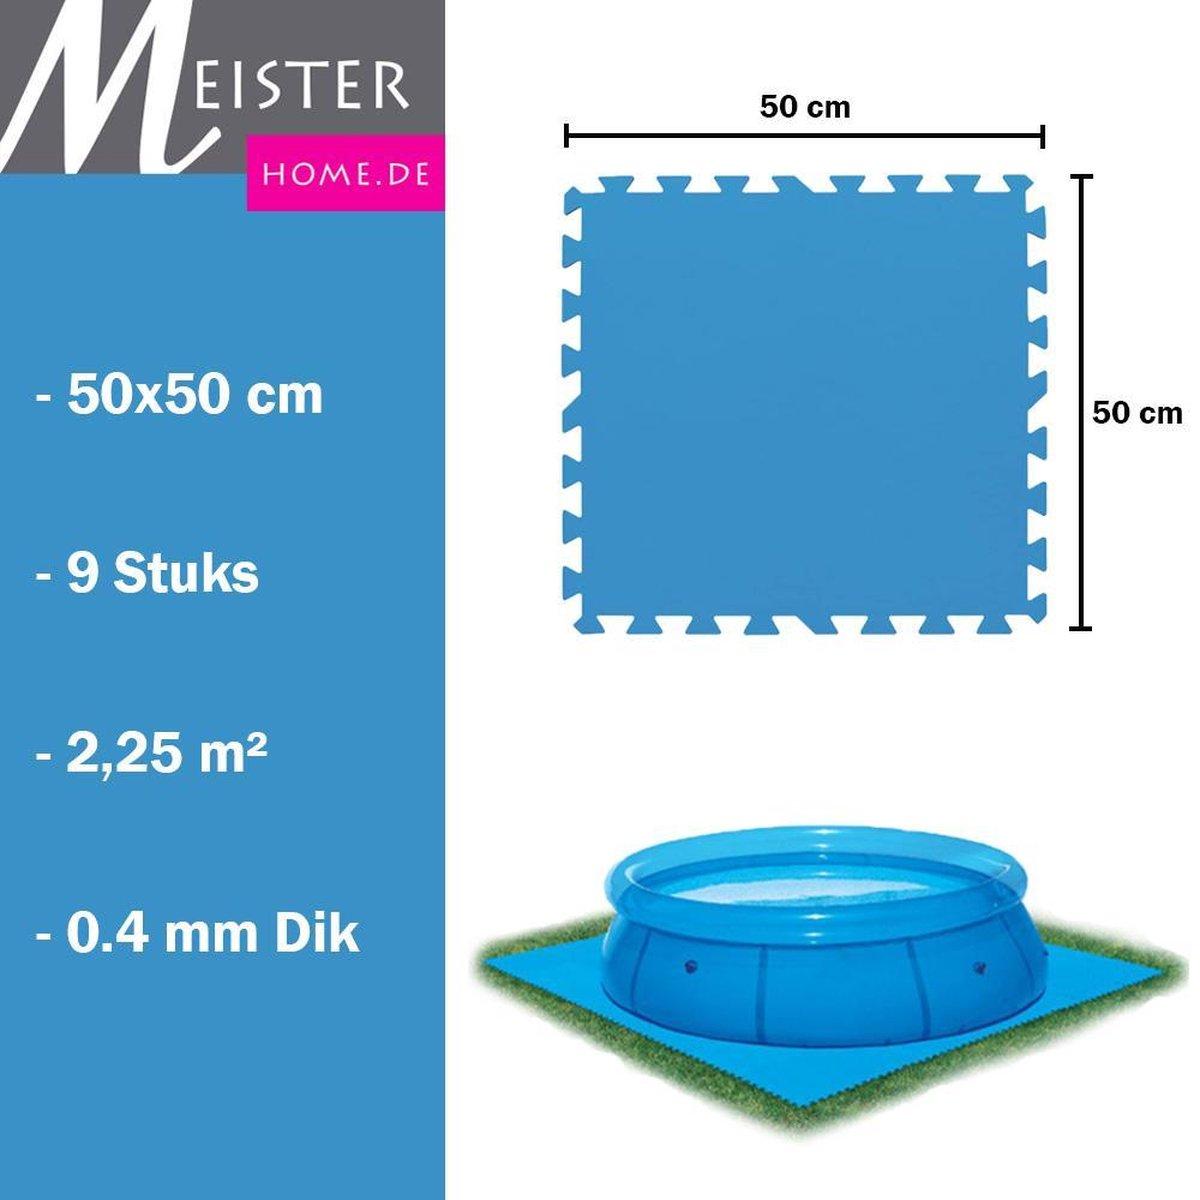 Meisterhome® Zwembad tegels - Set van 9 stuks - 50x50 cm - 2,25 m² - Bodem bescherming - Ondertegels - Ondervloer - Ondergrond - Foam tegels - Matten - Puzzelmat voor zwembad - Zwembadtegels